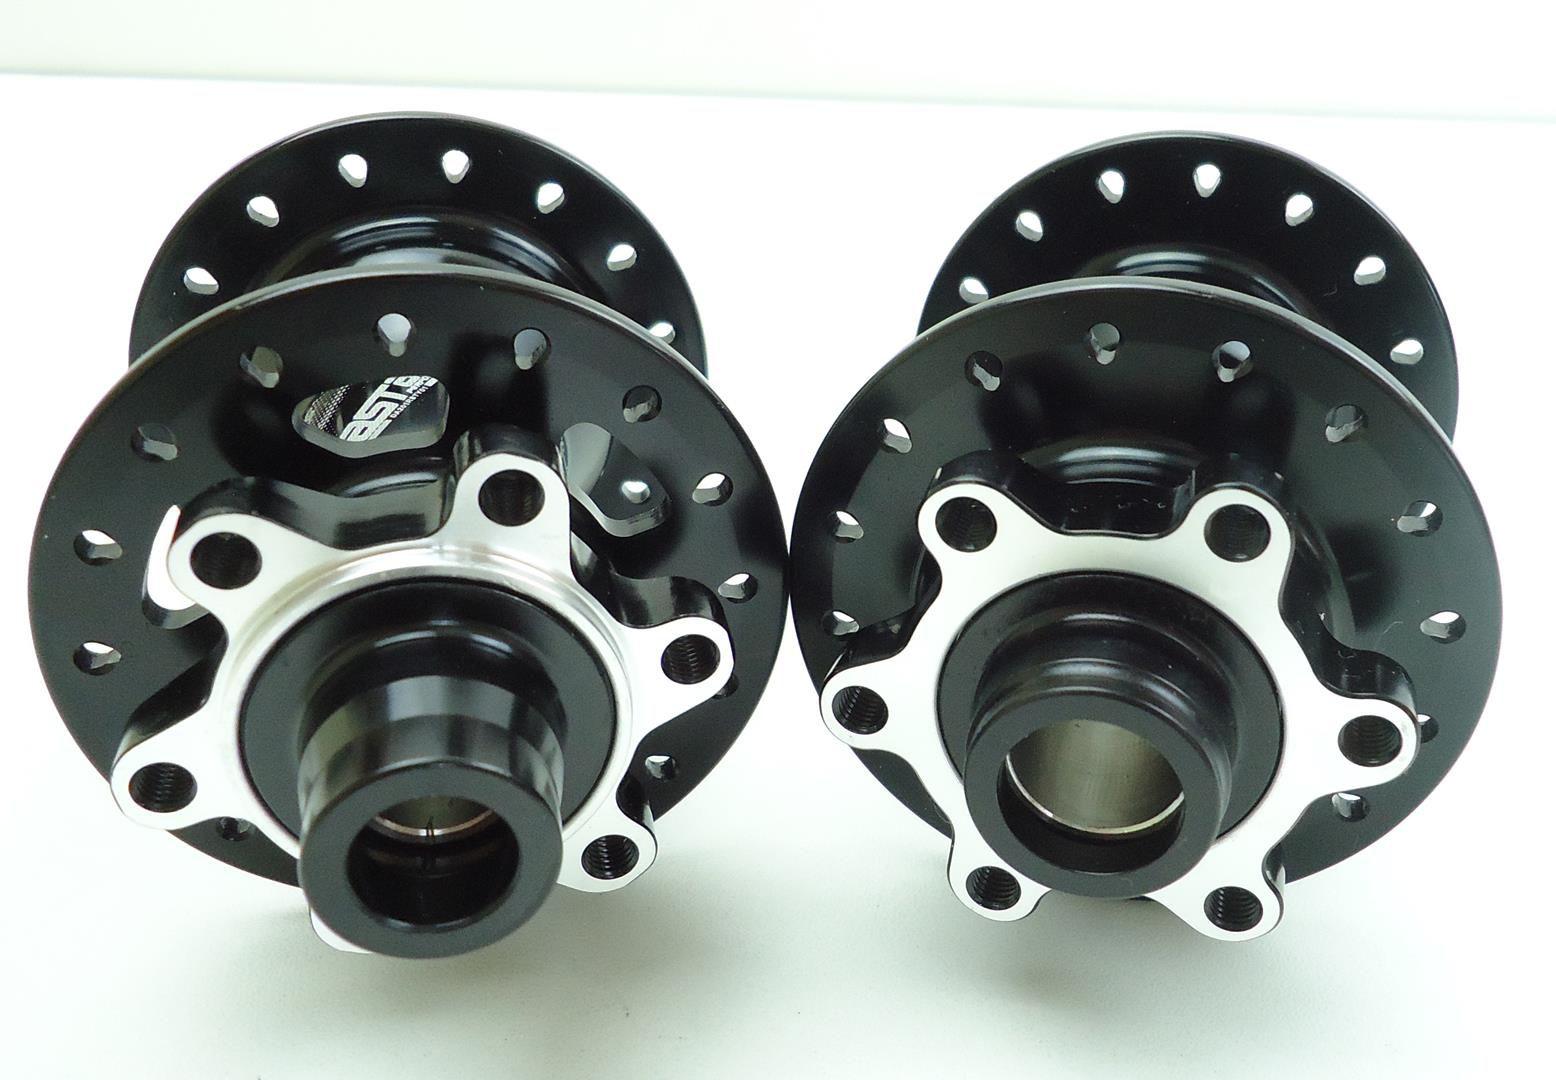 Par de Cubos Fastace DA201 Shimano 12 velocidades Micro Spline 32 Furos Eixo 142mm p/ SLX M7100 XT M8100 XTR M9100